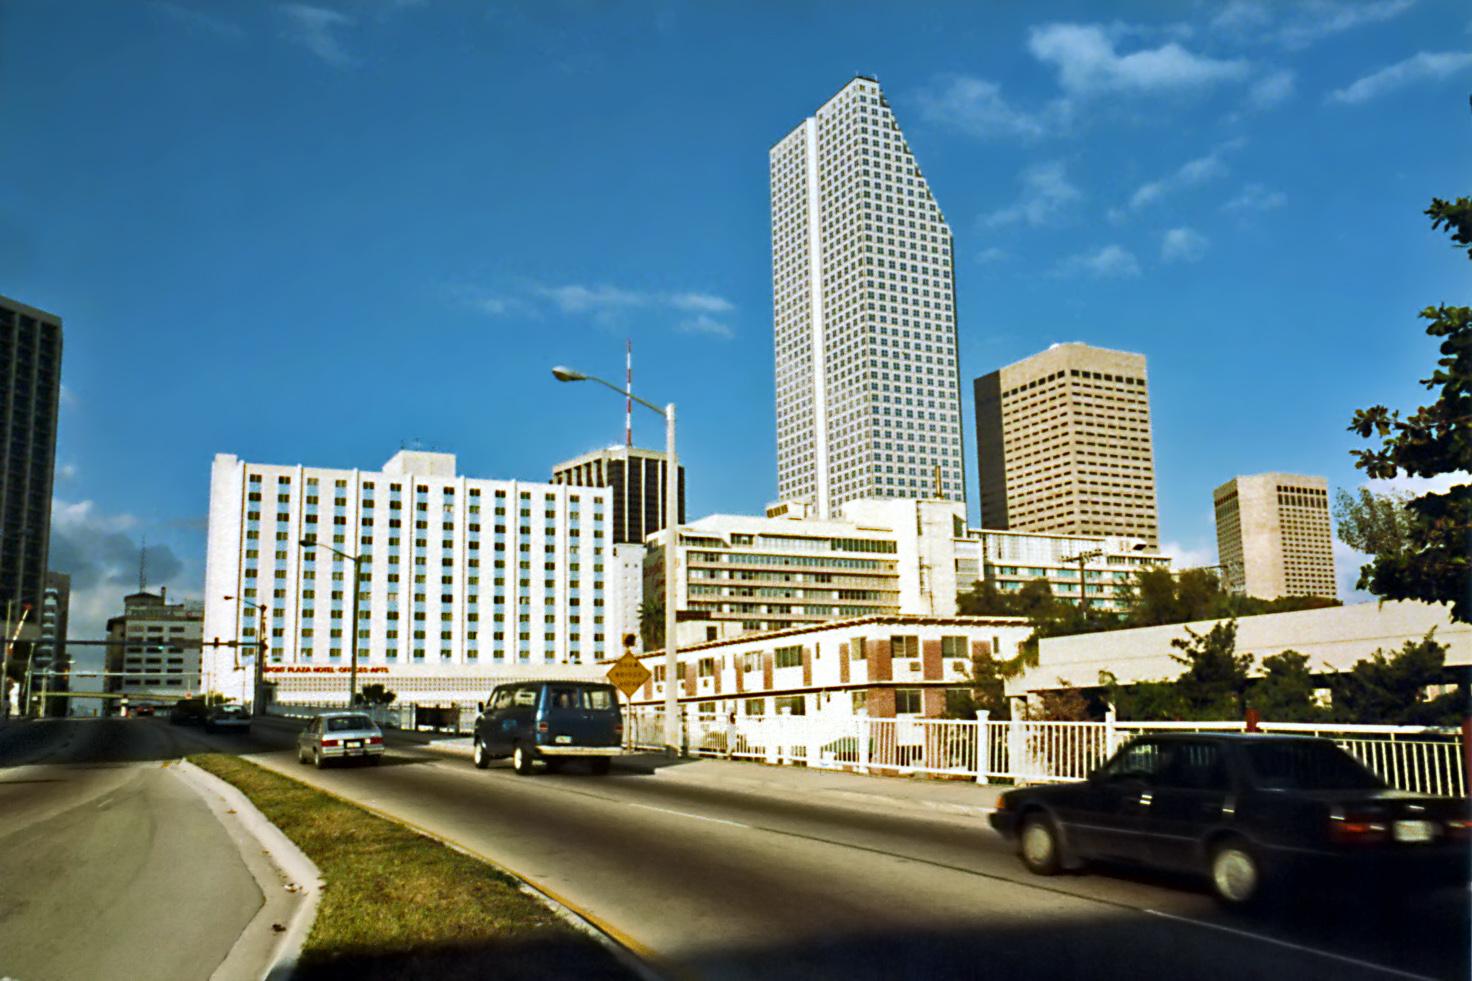 Downtown Miami Circa 1984 Photo Credit: Steven Martin